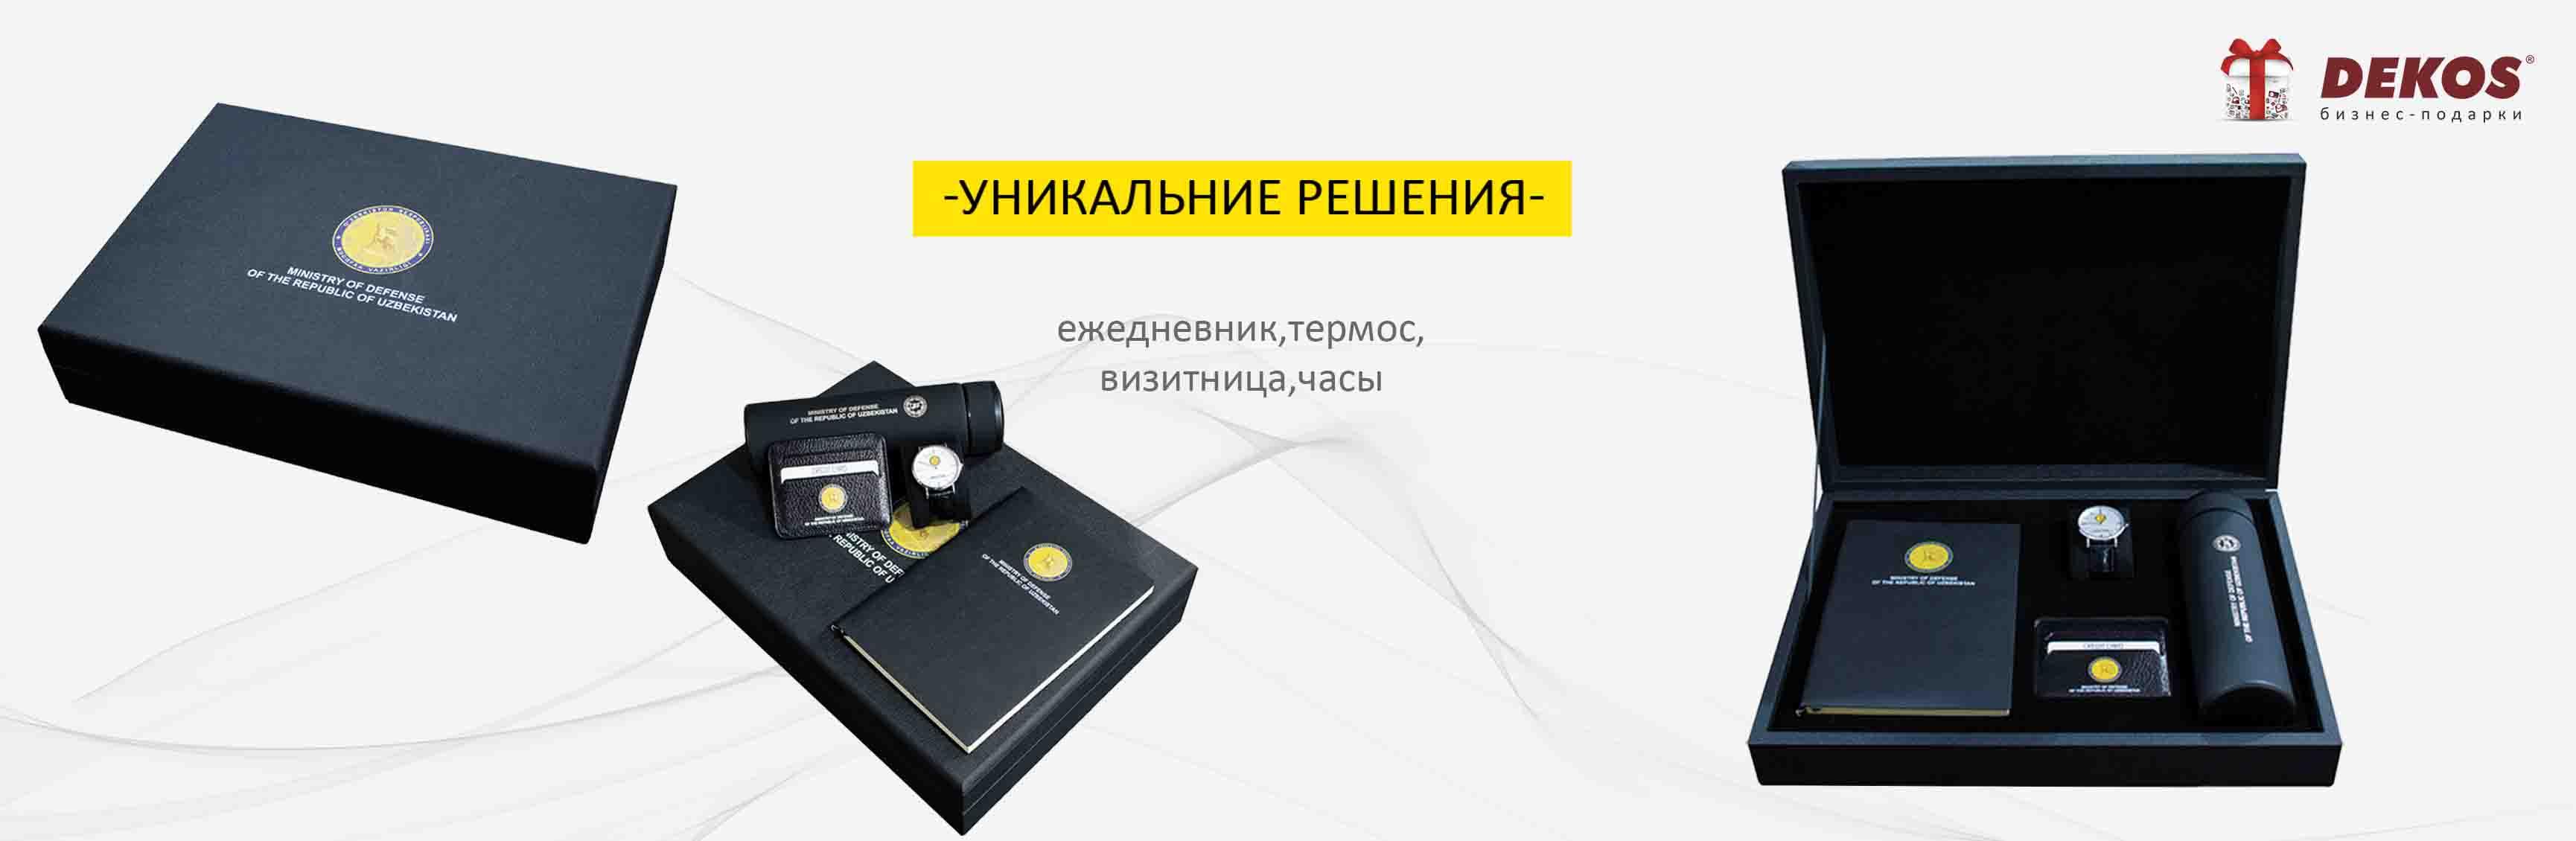 Унекальние решения! Ministry of Defense of the Respublic of Uzbekistan